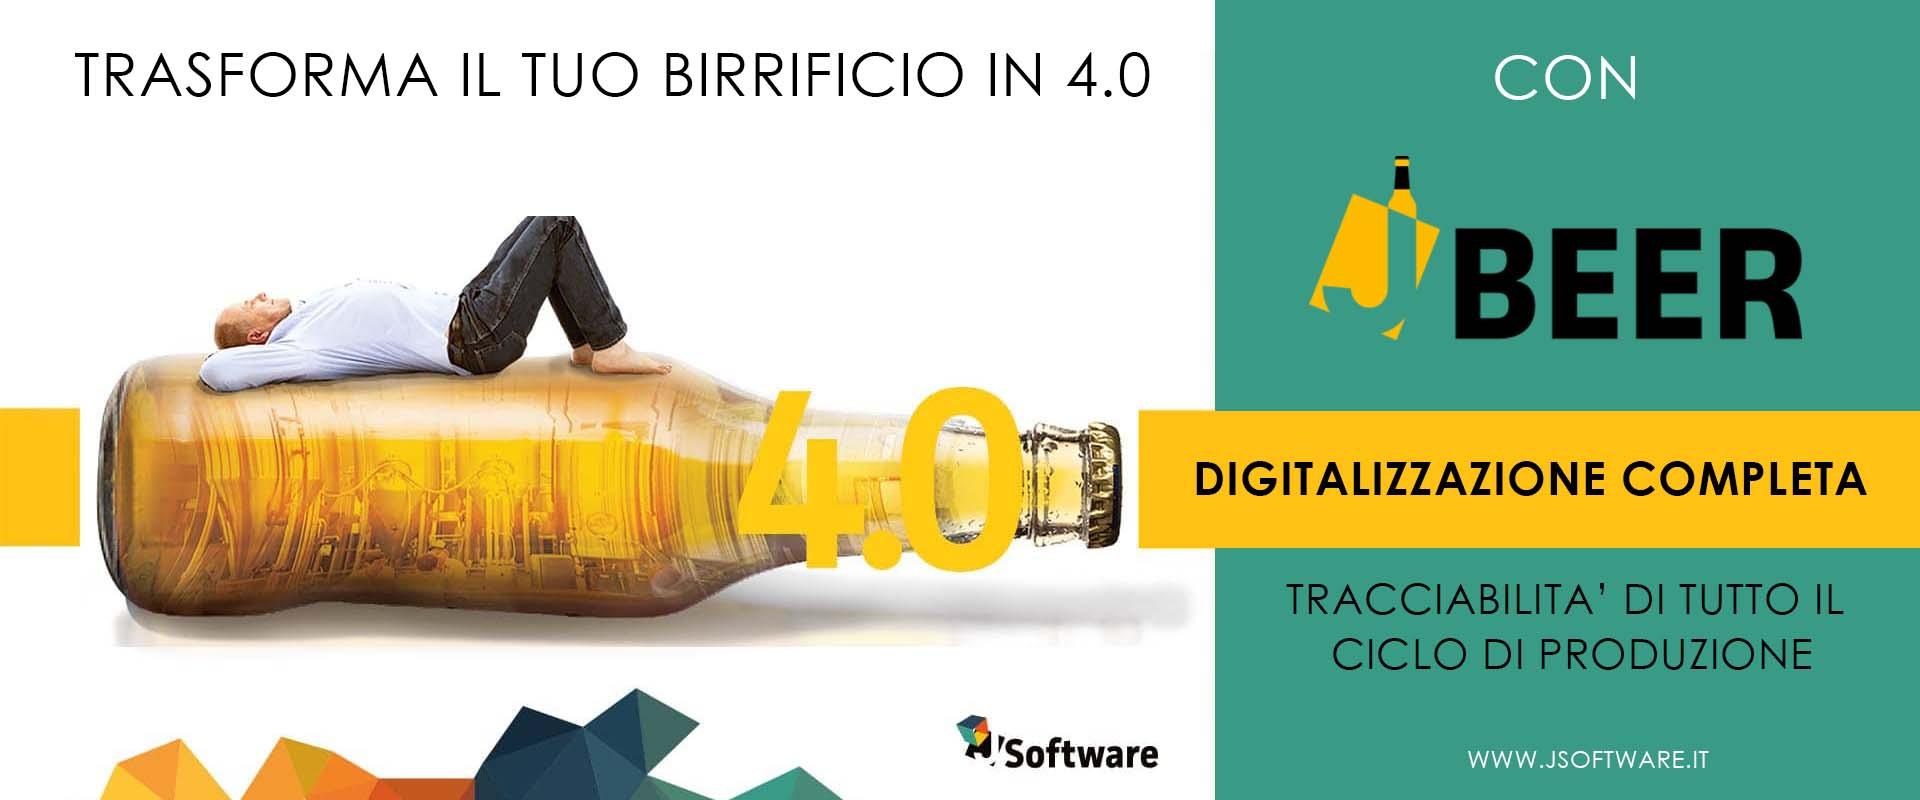 J-BEER - il software 4.0 per il birrificio